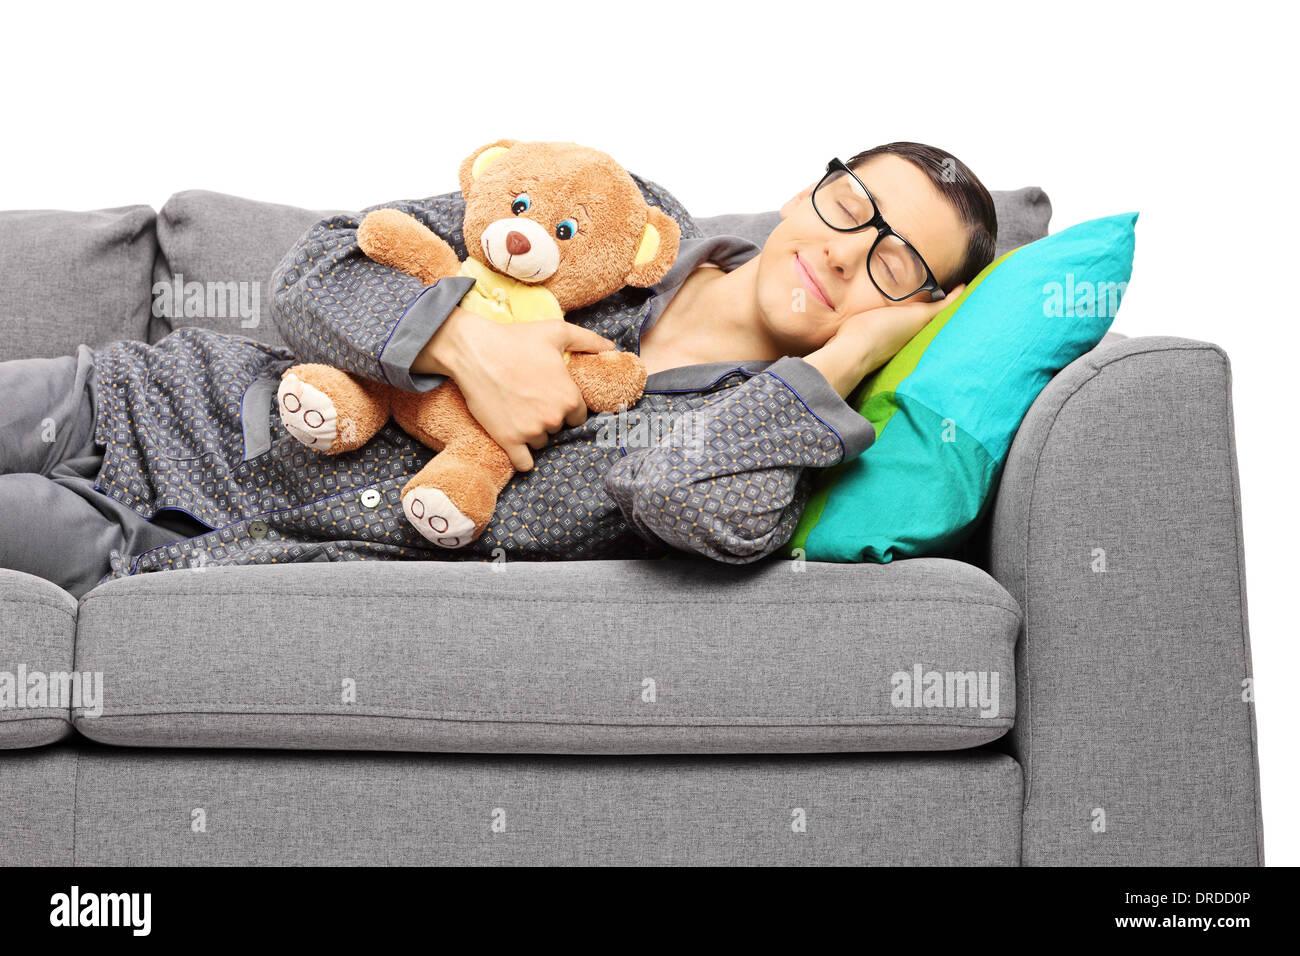 Young Guy Sleeping On Sofa Stock Photos & Young Guy Sleeping On ...